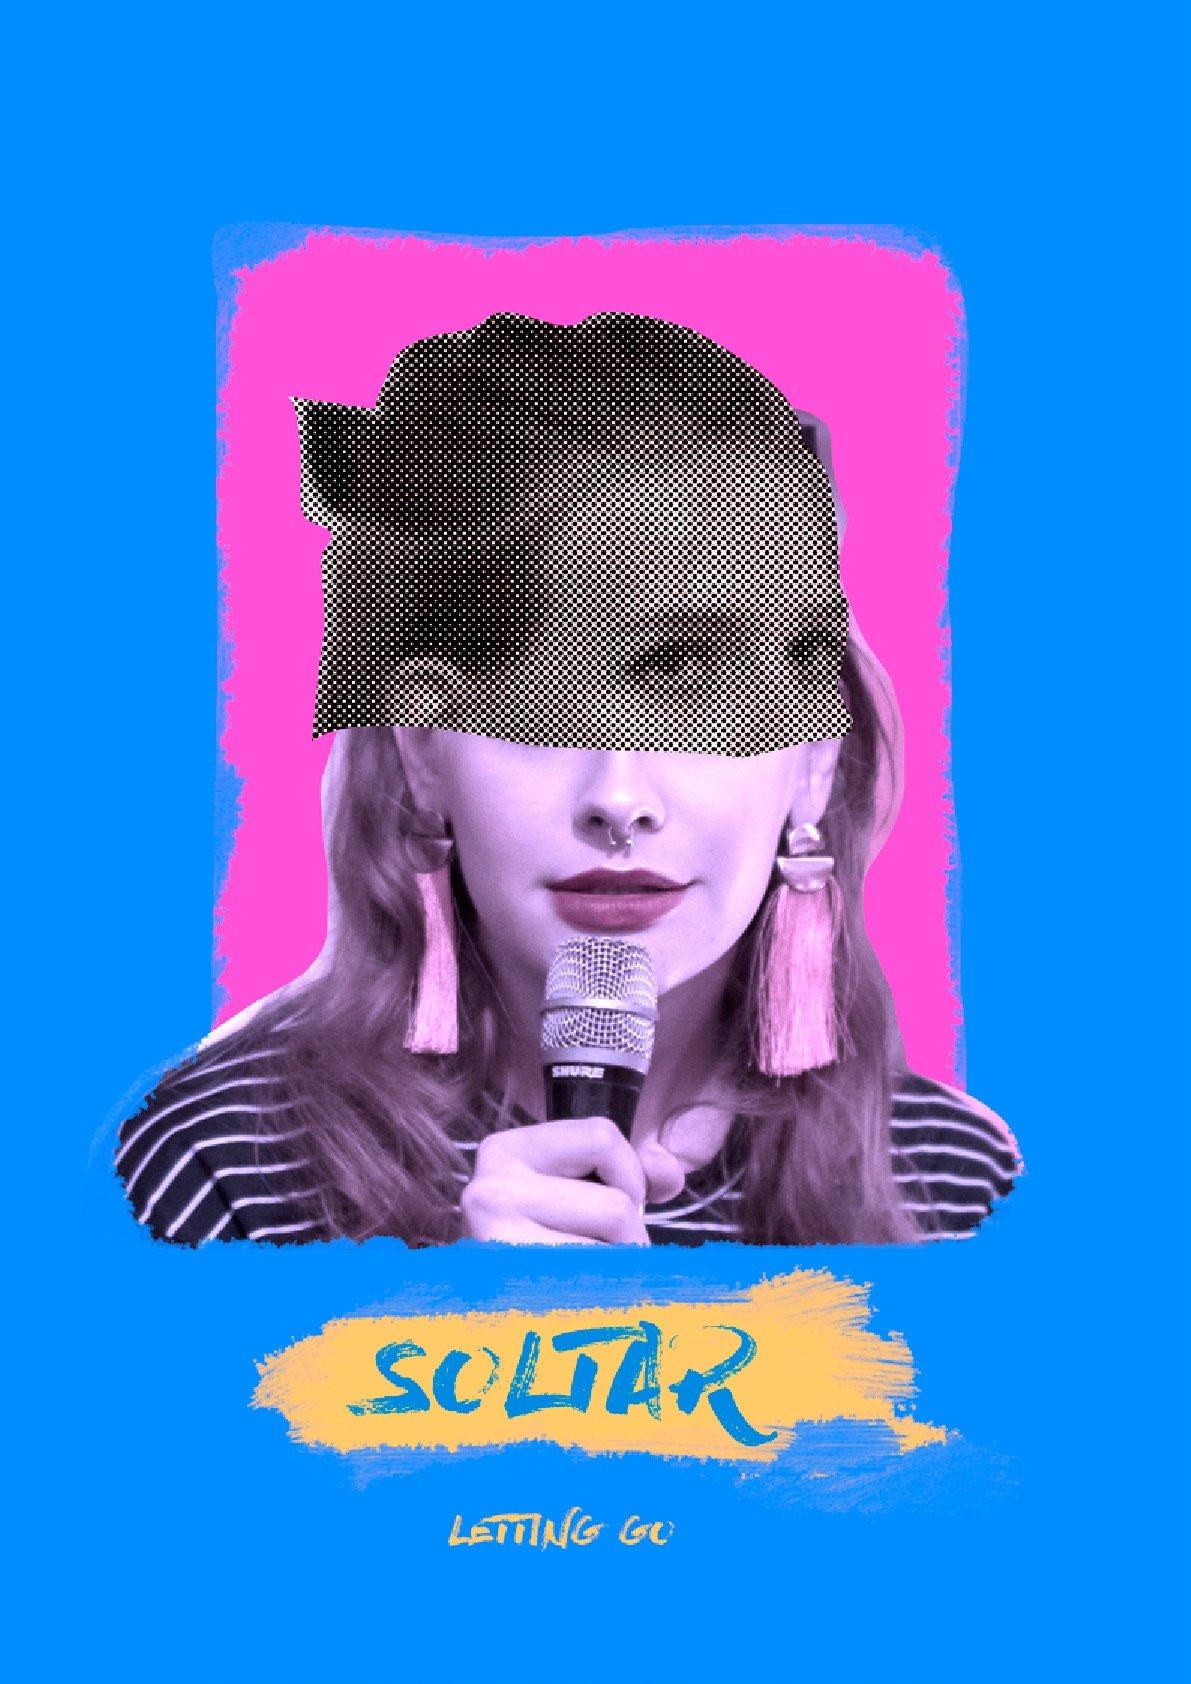 SOLTAR